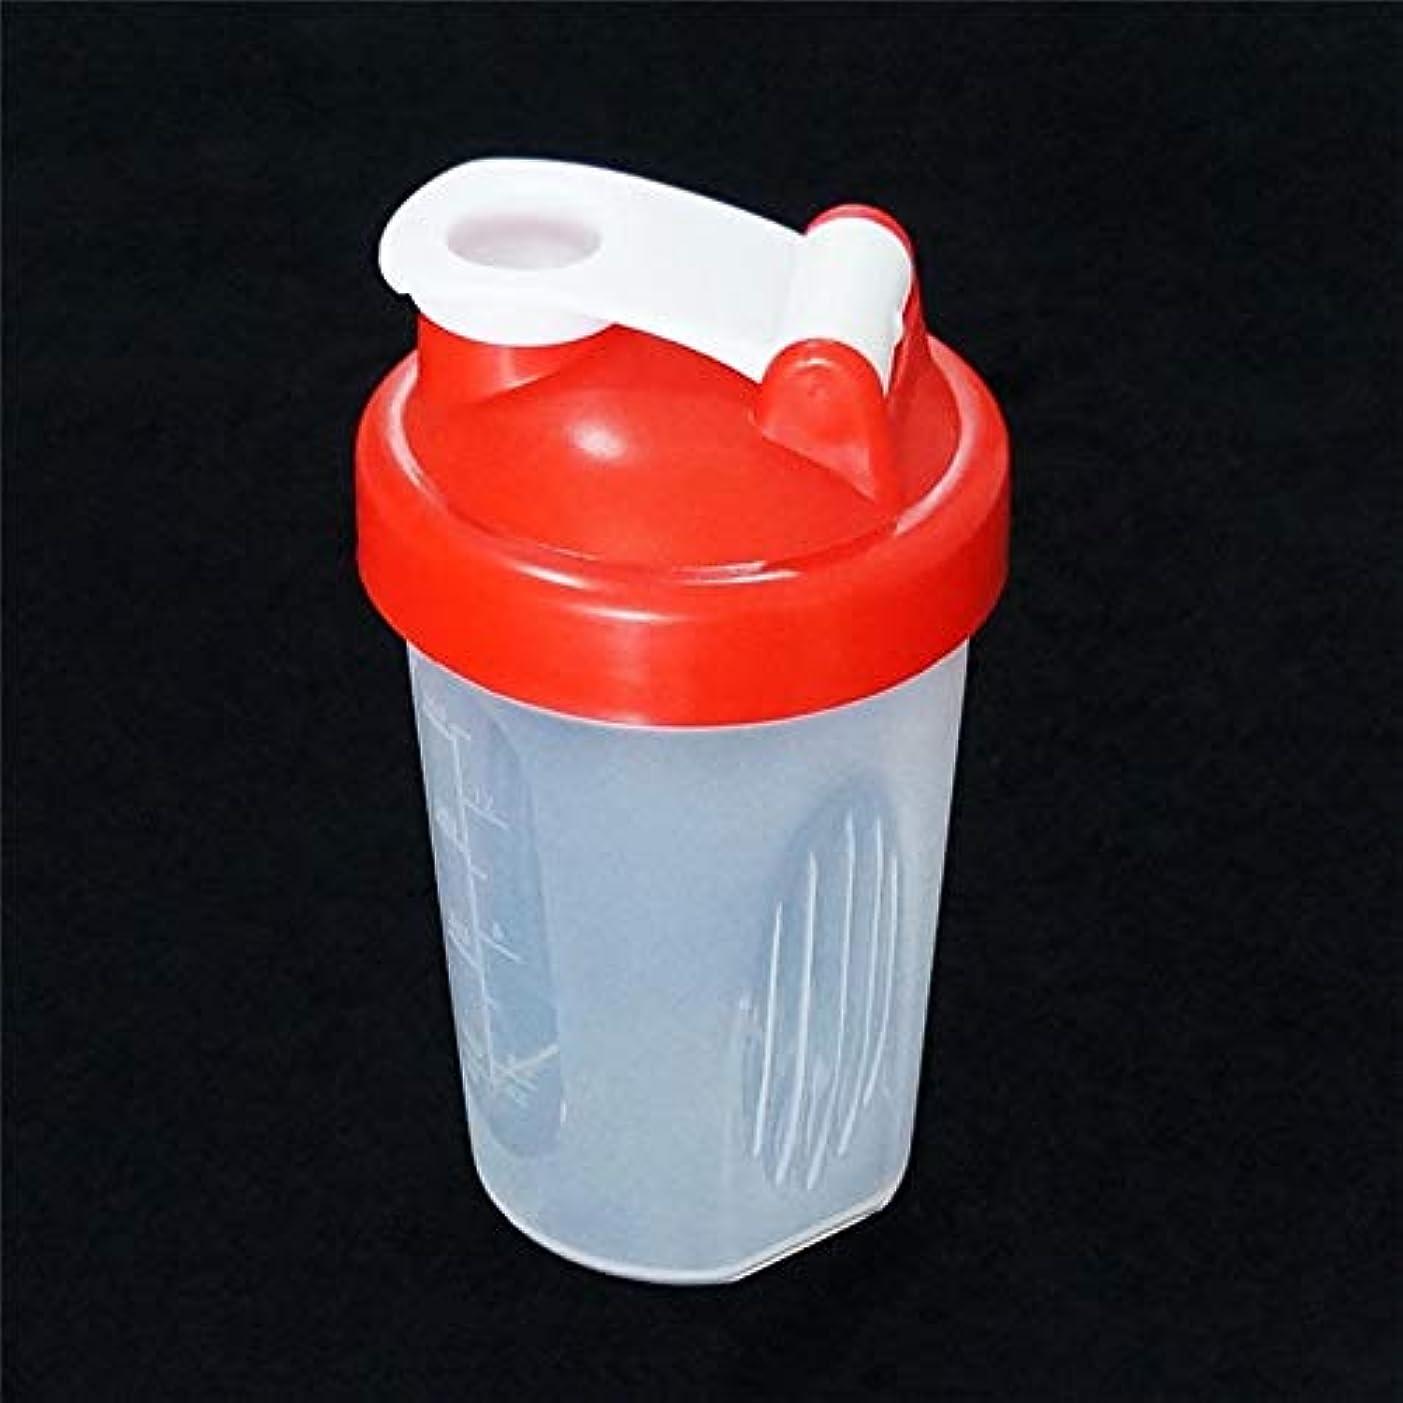 論理的採用東ティモールMaxcrestas - 400ML Plastic Shake Cups Drink Creative Large Capacity Free Shake Blender Shaker Mixer Cups Drink...